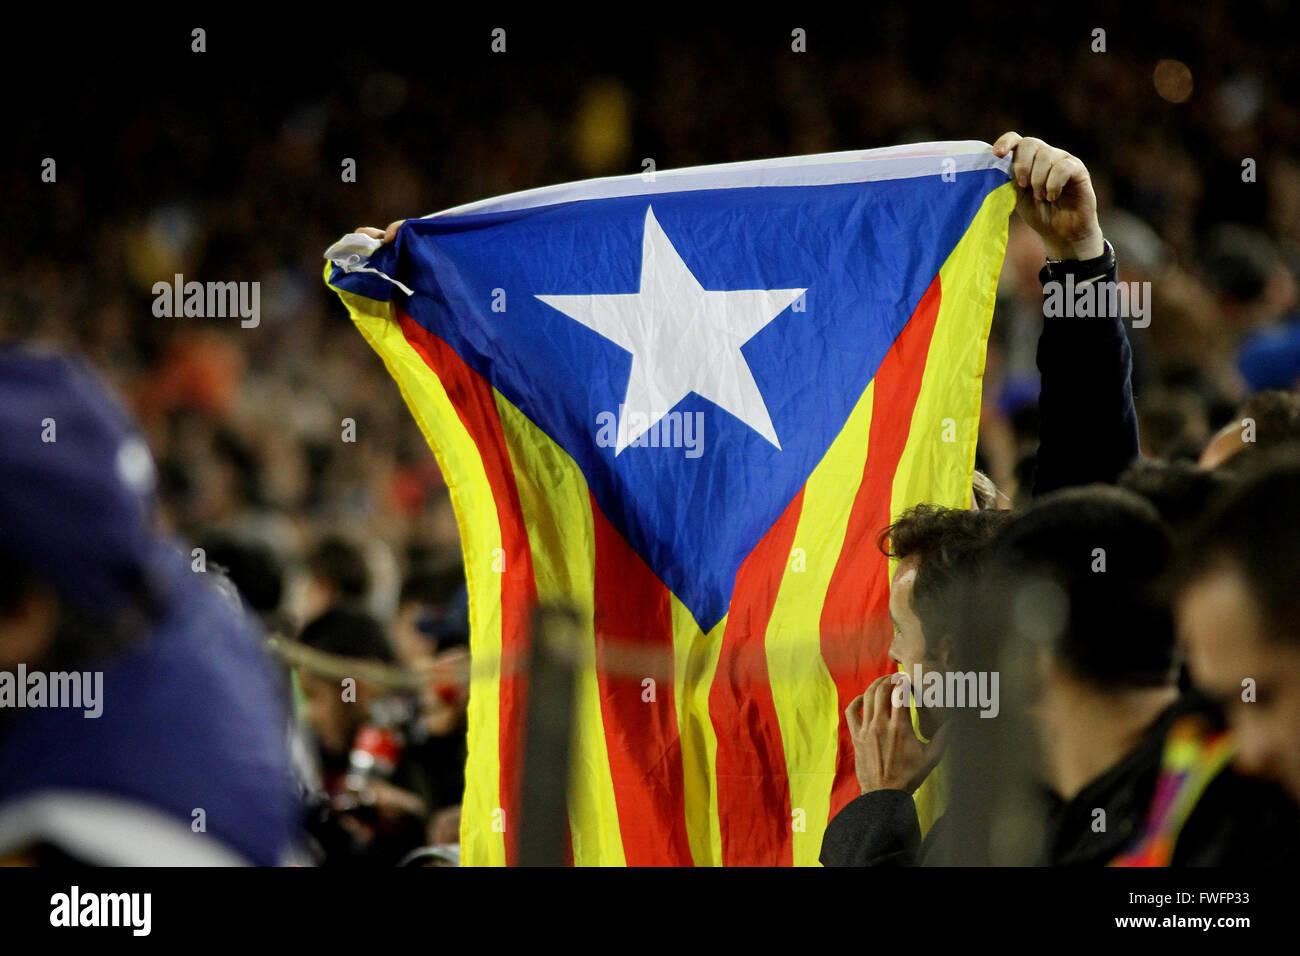 Nou Camp, Barcelona, Spain. 05th Apr, 2016. Uefa Champions League Quarter-finals 1st leg. FC Barcelona against Atletico - Stock Image